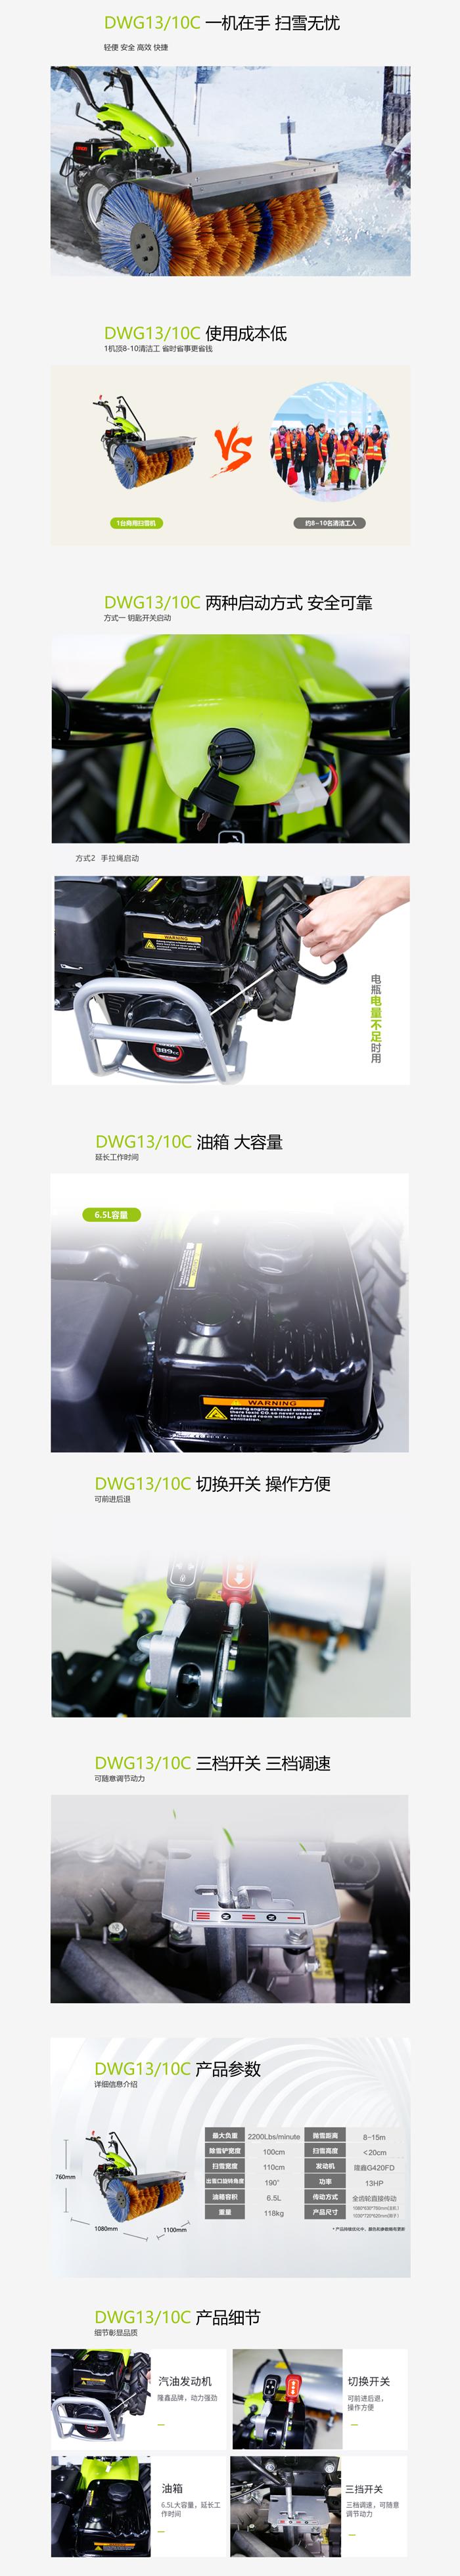 【包邮】梁玉玺 德威莱克自走式商用扫雪机(汽油)DWG13/10C